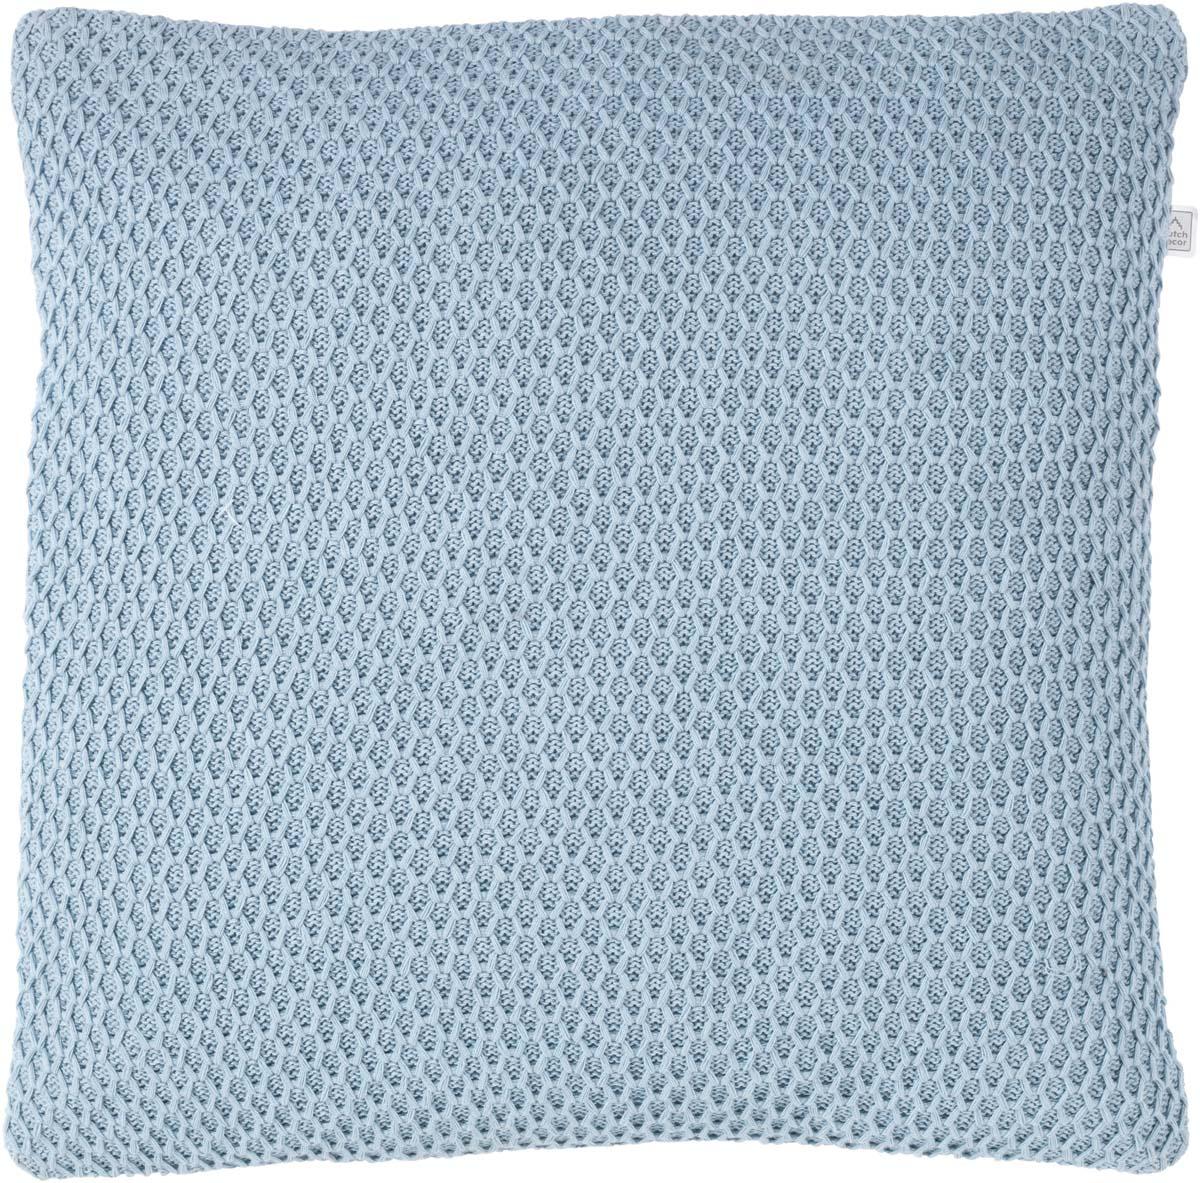 Kussen Dragan 45x45 cm blue